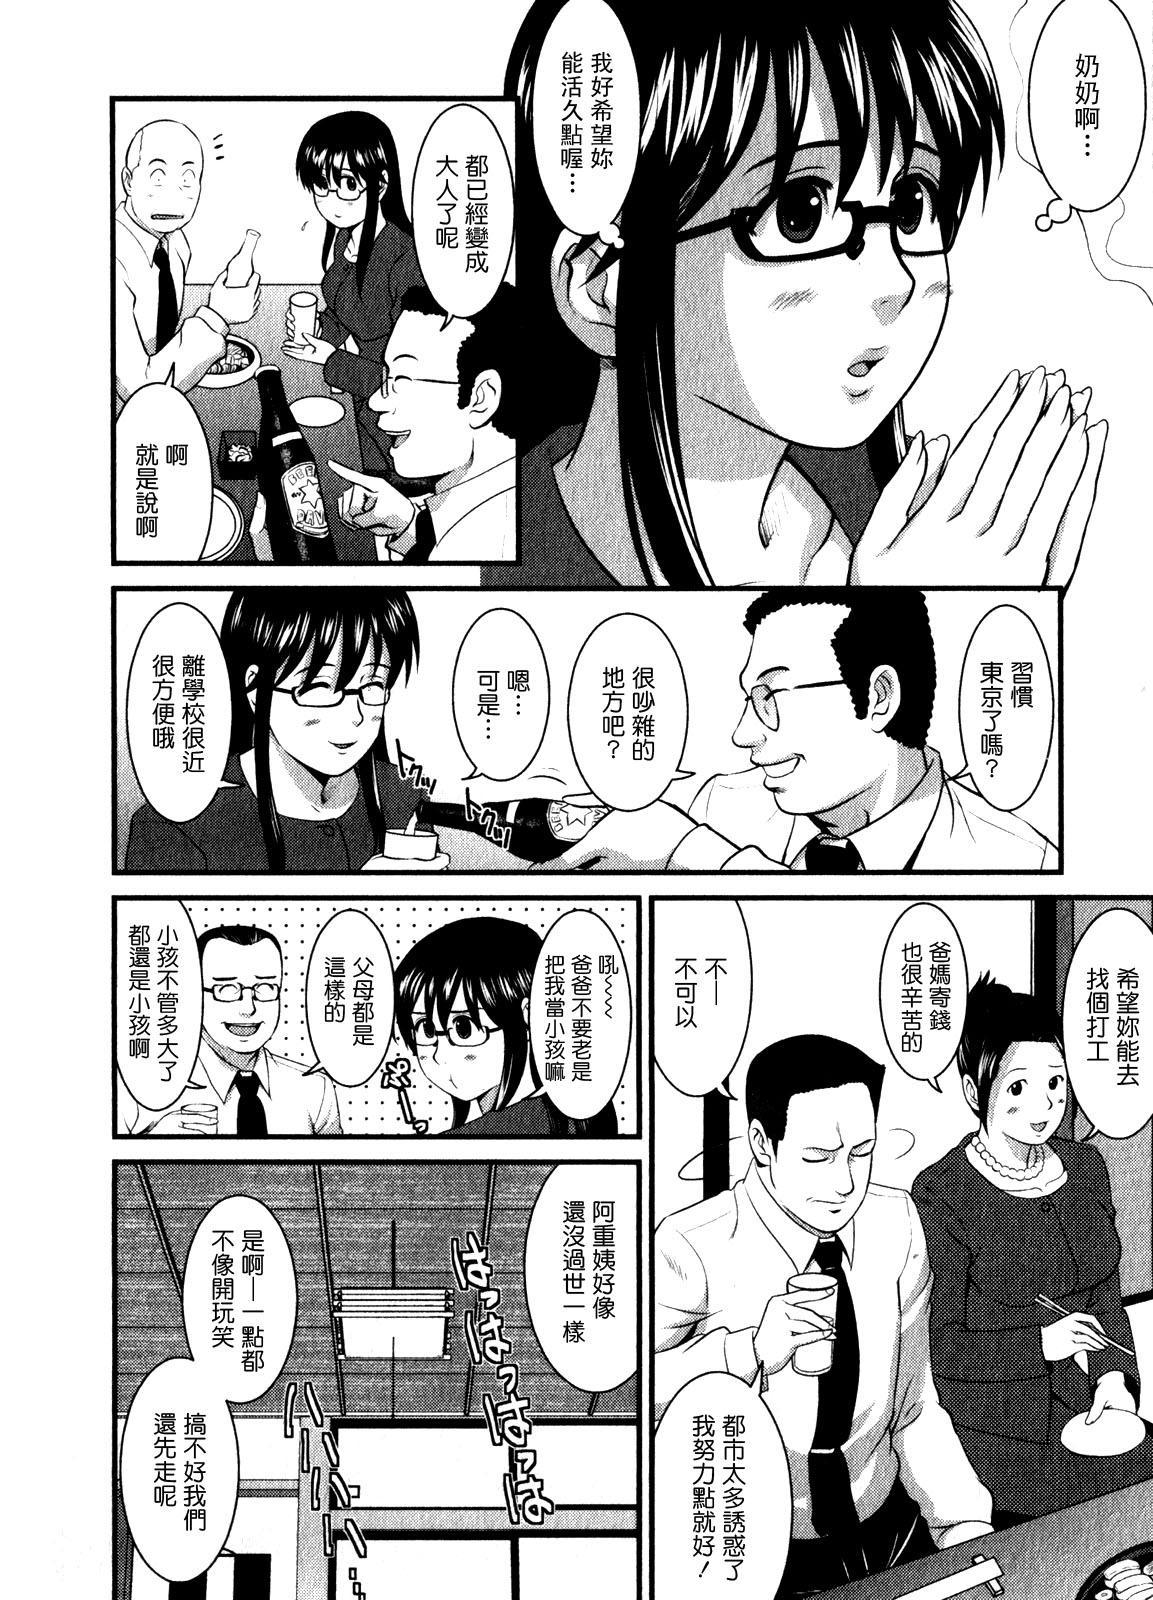 Otaku no Megami-san 1 151